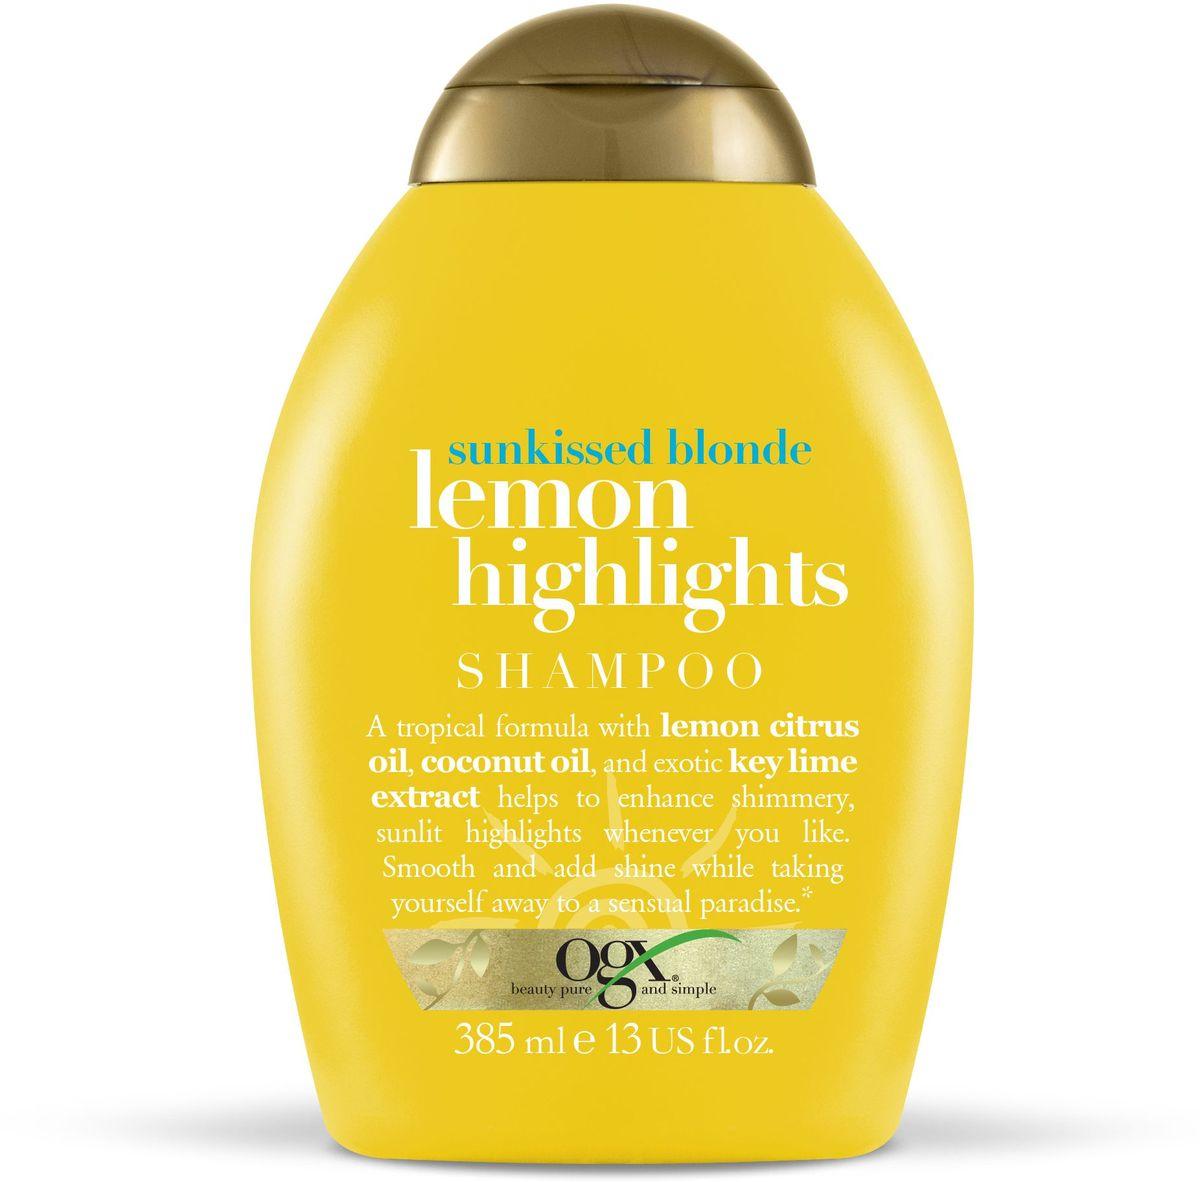 OGX Шампунь для сияния цвета с экстрактом лимона Солнечный блонд, 385 мл.MQ331Шампунь для сияния цвета с экстрактом лимона – увлажняет и сохраняет влагу изнутри, борется с пушением. Делают цвет более ярким и сияющим. Наполняют волосы силой и жизненной энергией